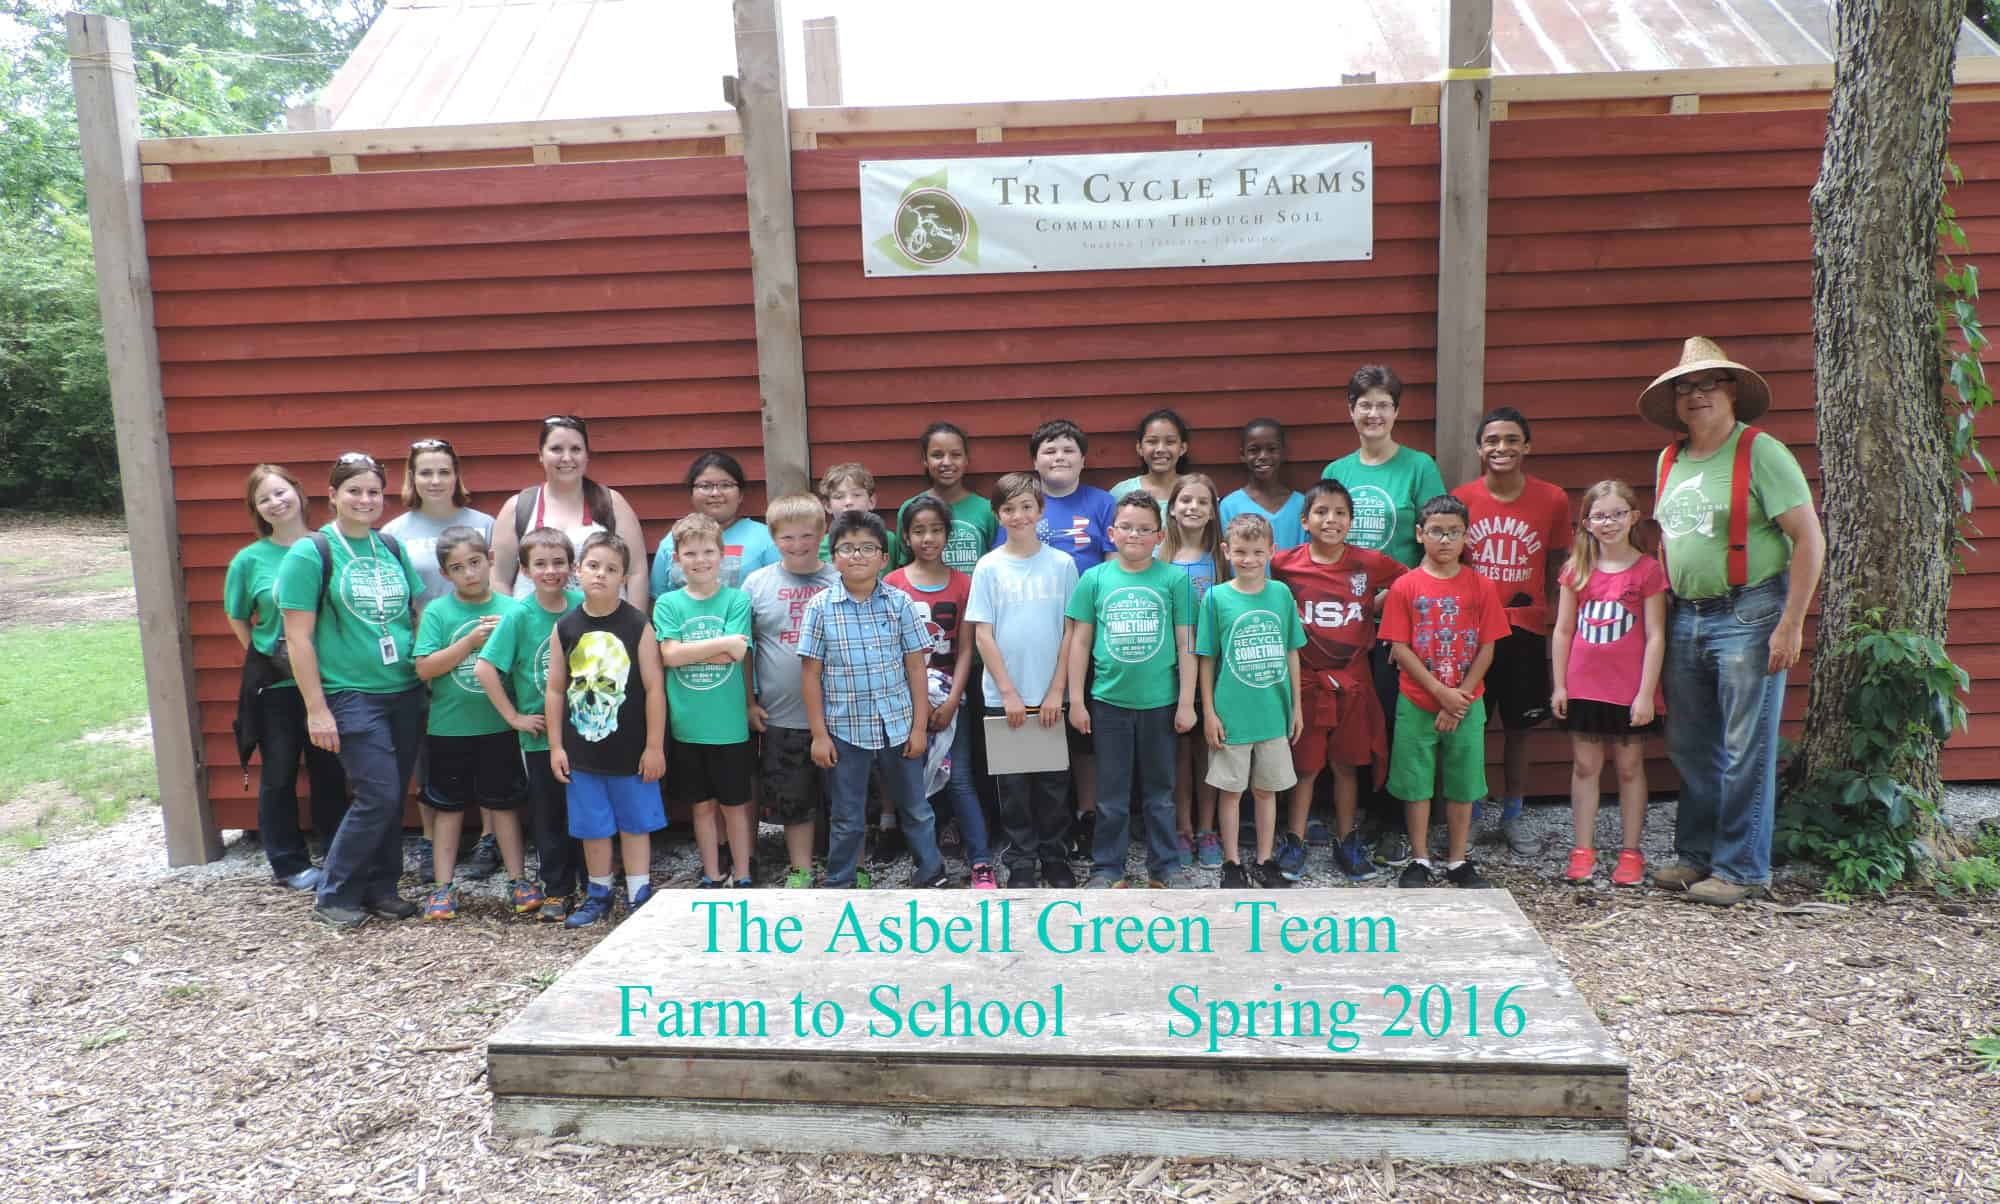 green-team-farm-to-school-tri-cycle